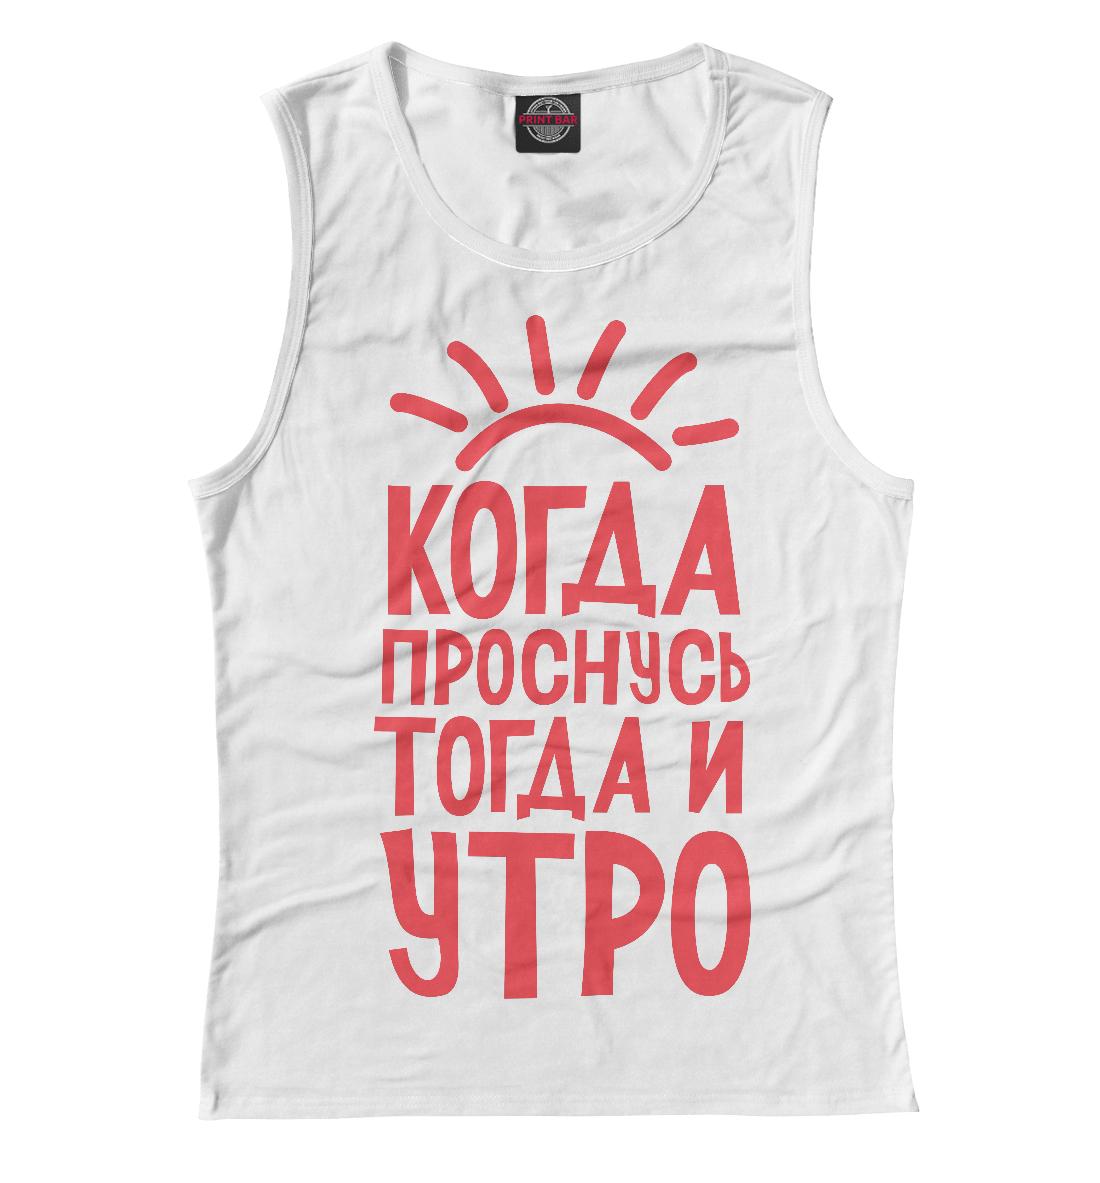 Купить Когда проснусь, тогда и утро, Printbar, Майки, NDP-118616-may-1